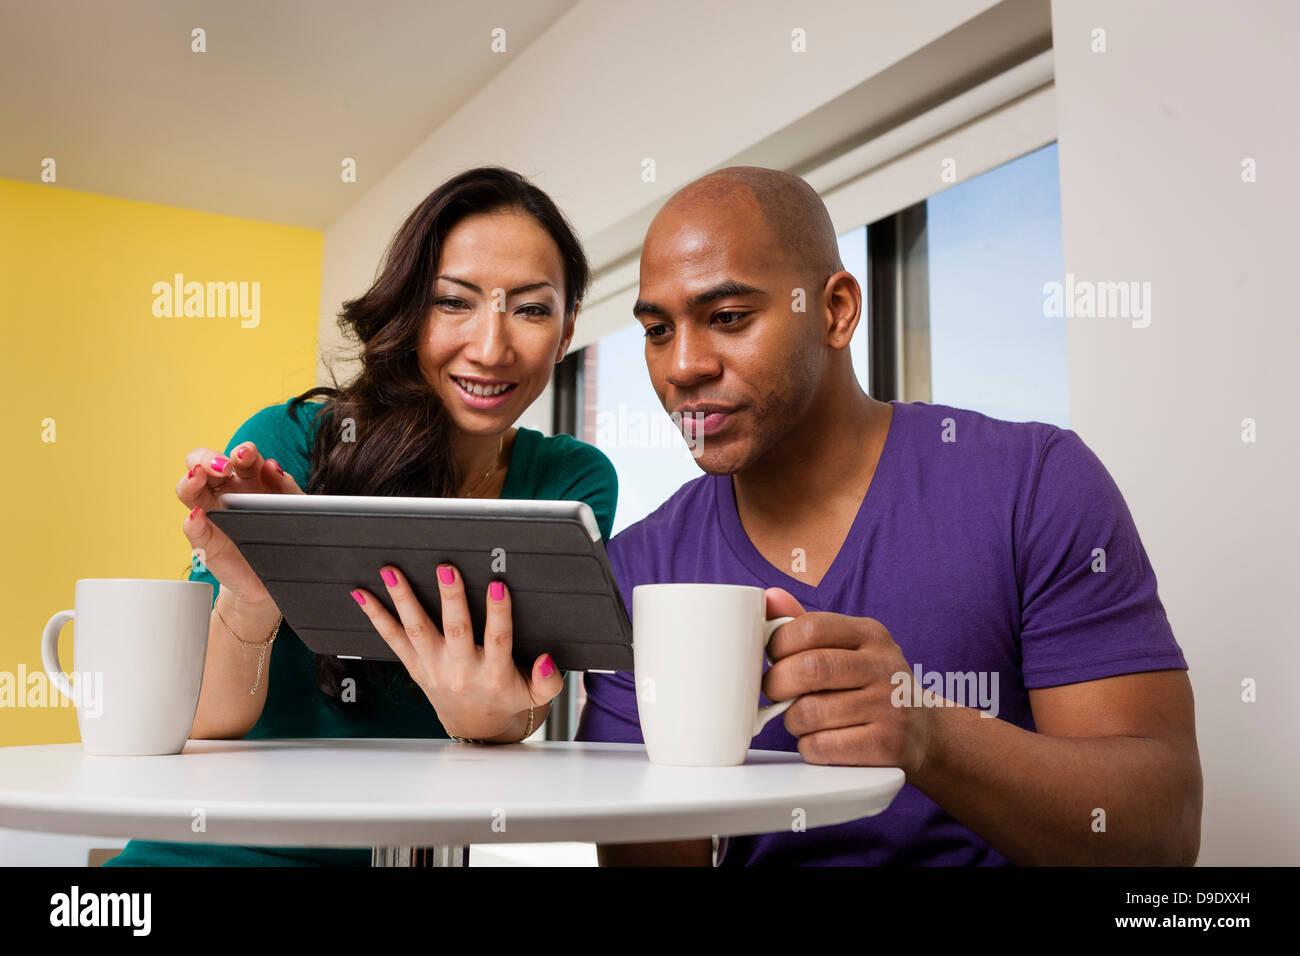 Pareja mirando adulta media tableta digital y bebiendo café Imagen De Stock